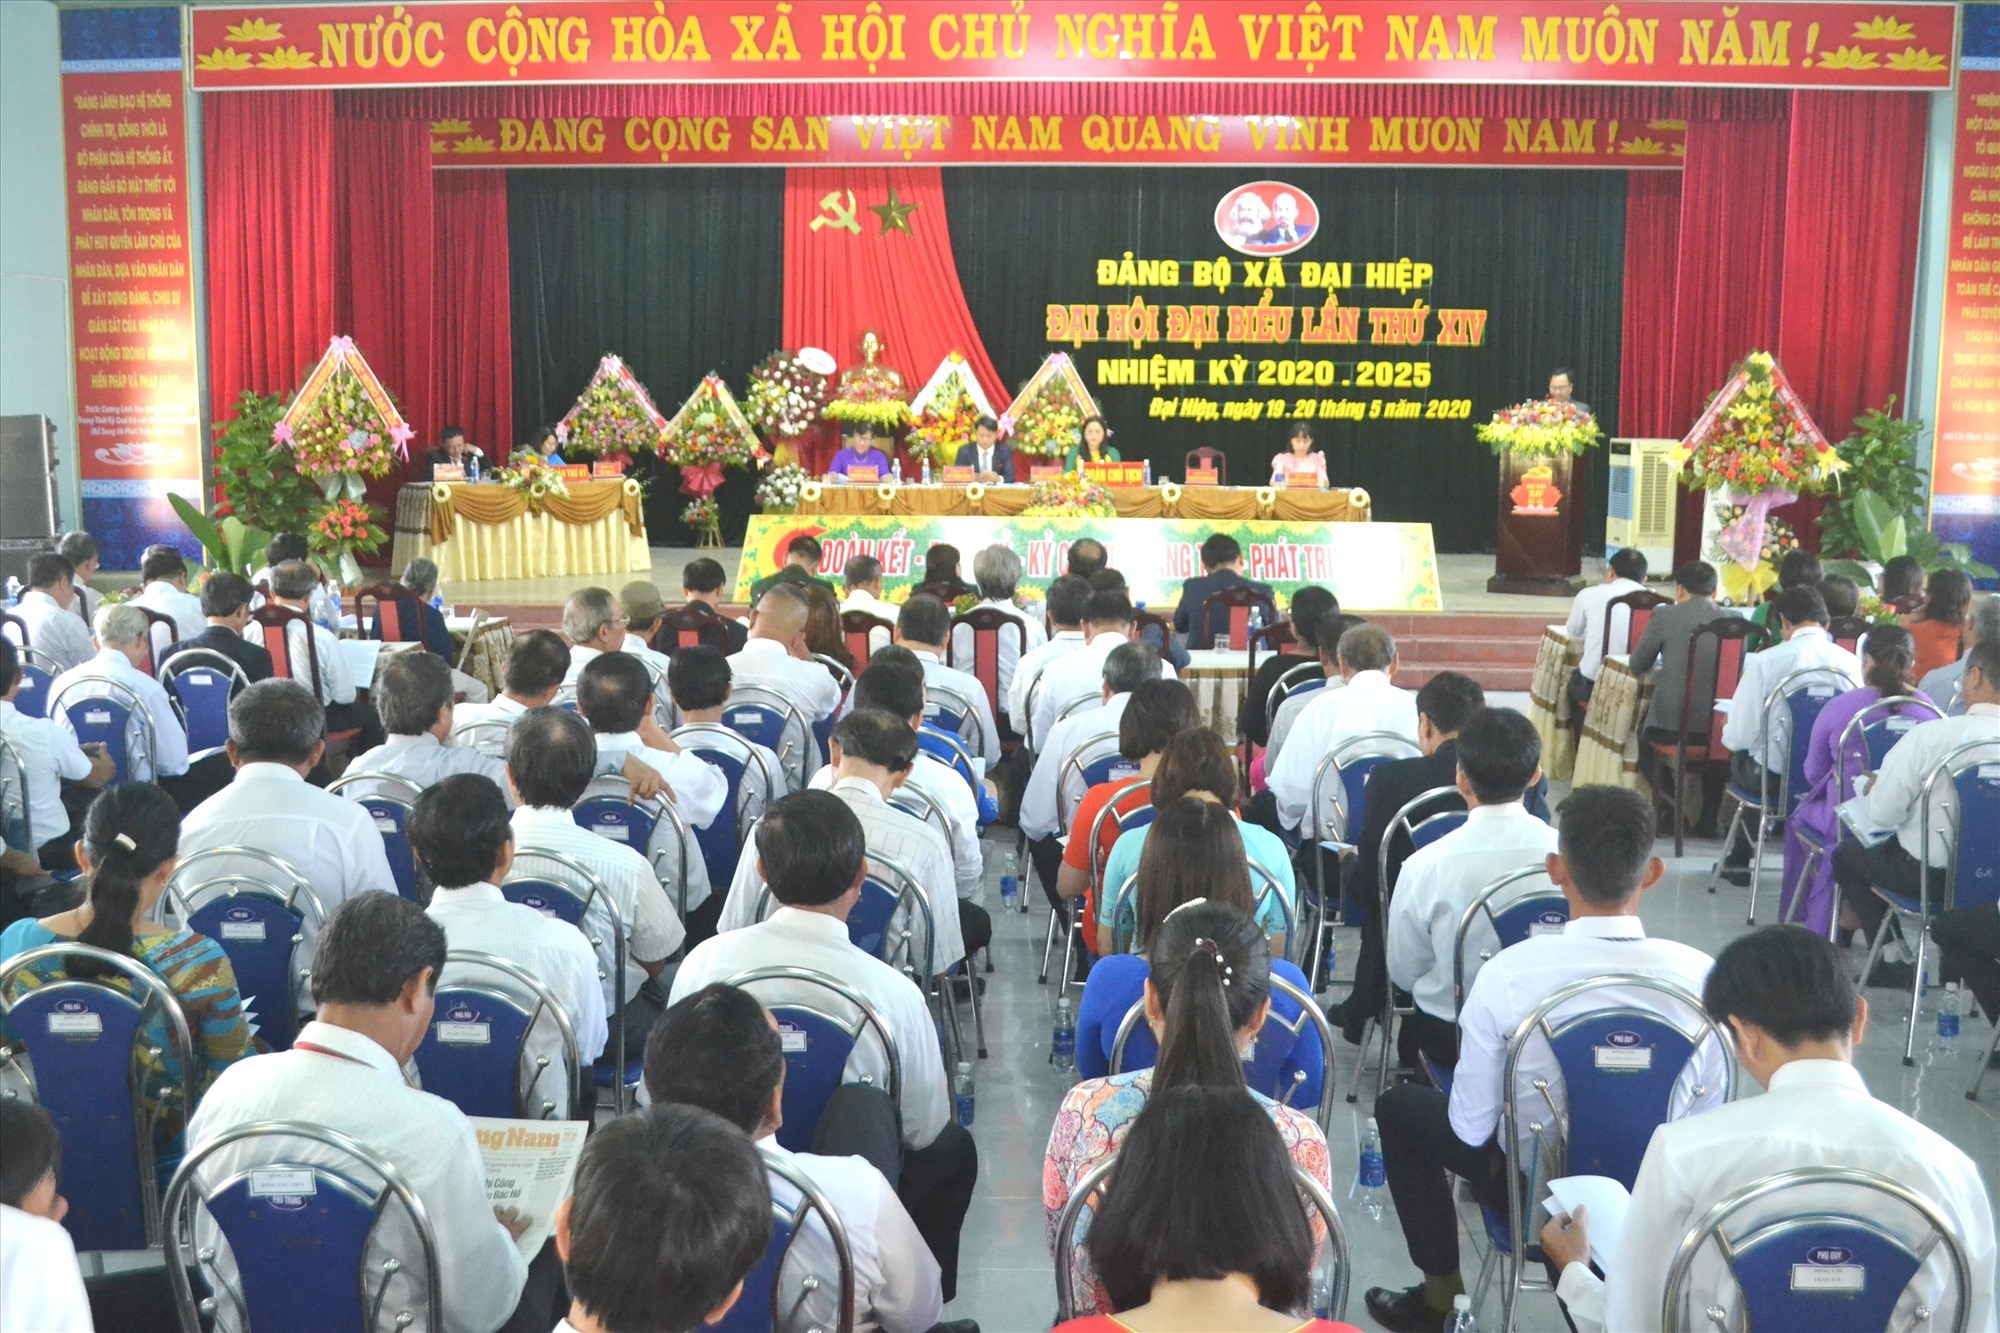 Đại hội có sự tham dự của 150 đại biểu chính thức. Ảnh: CT